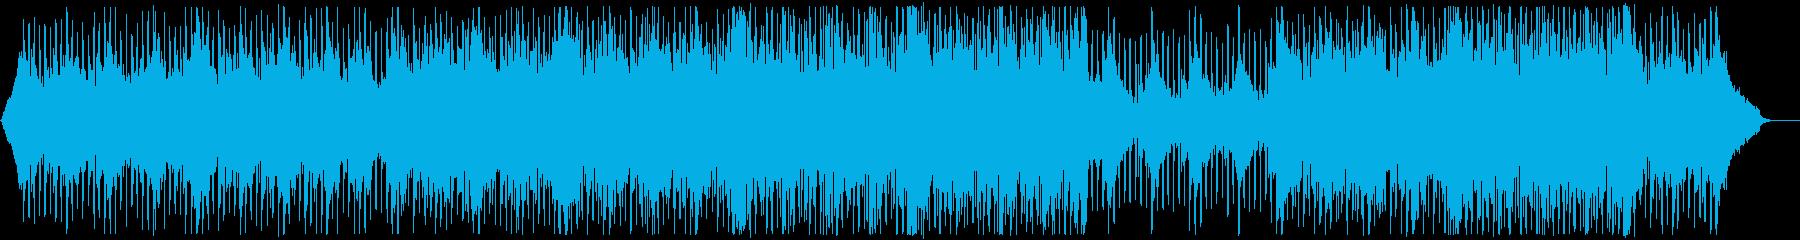 グローバル企業風ピアノ&ギター:メロ無の再生済みの波形